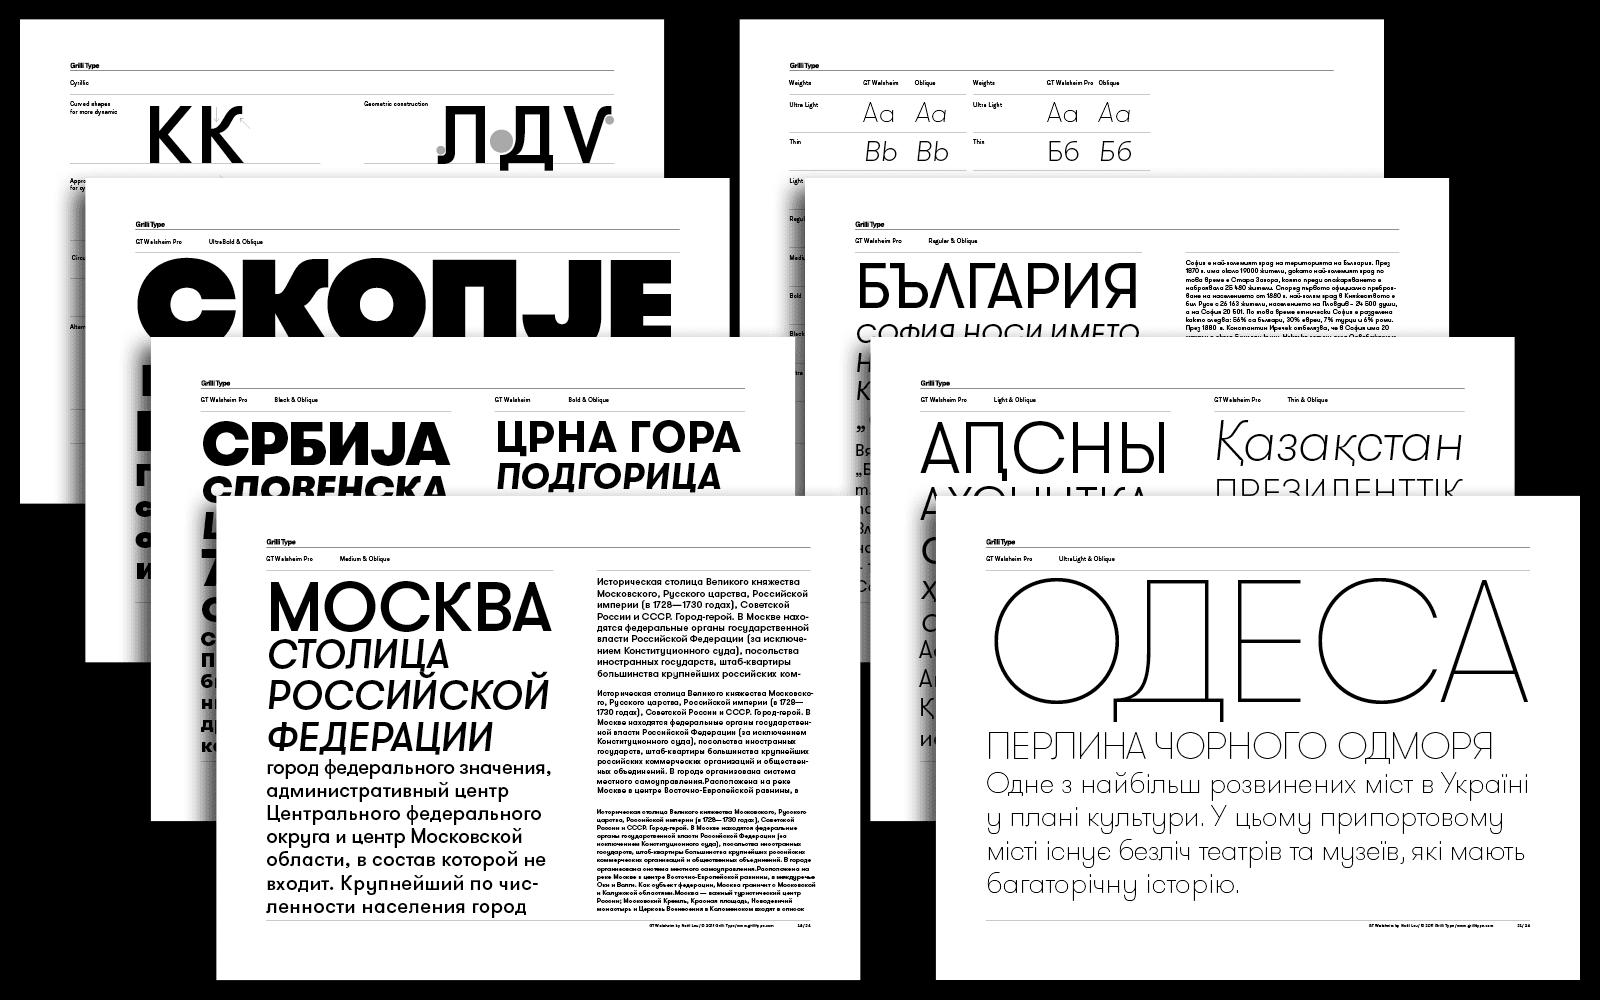 16_Type_Designers